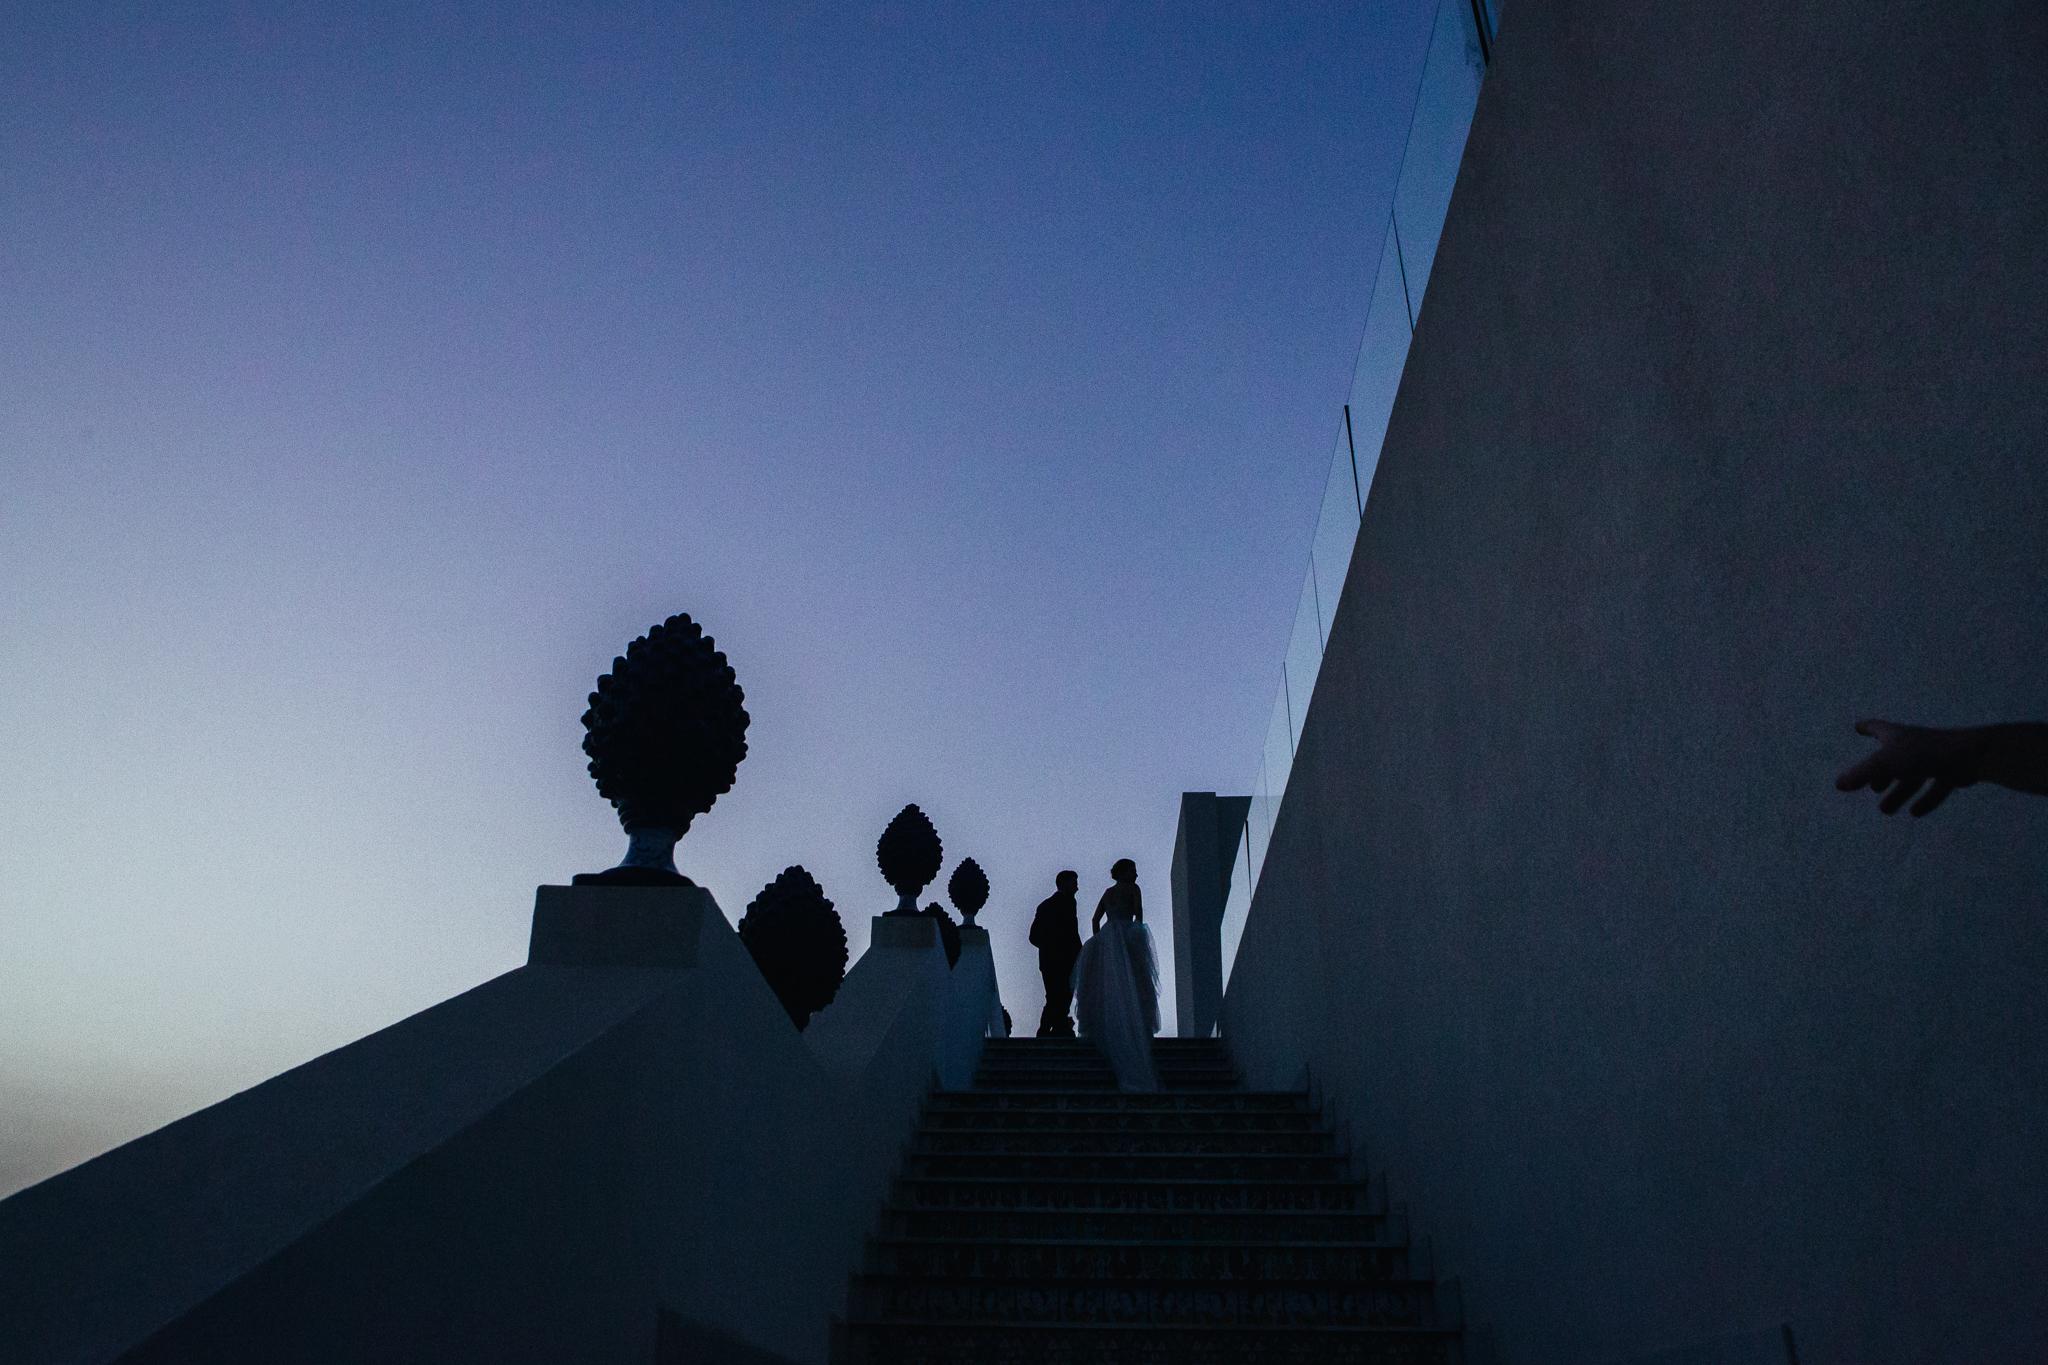 StudioFotograficodimatrimonio-Catania-Enkant-37.jpg